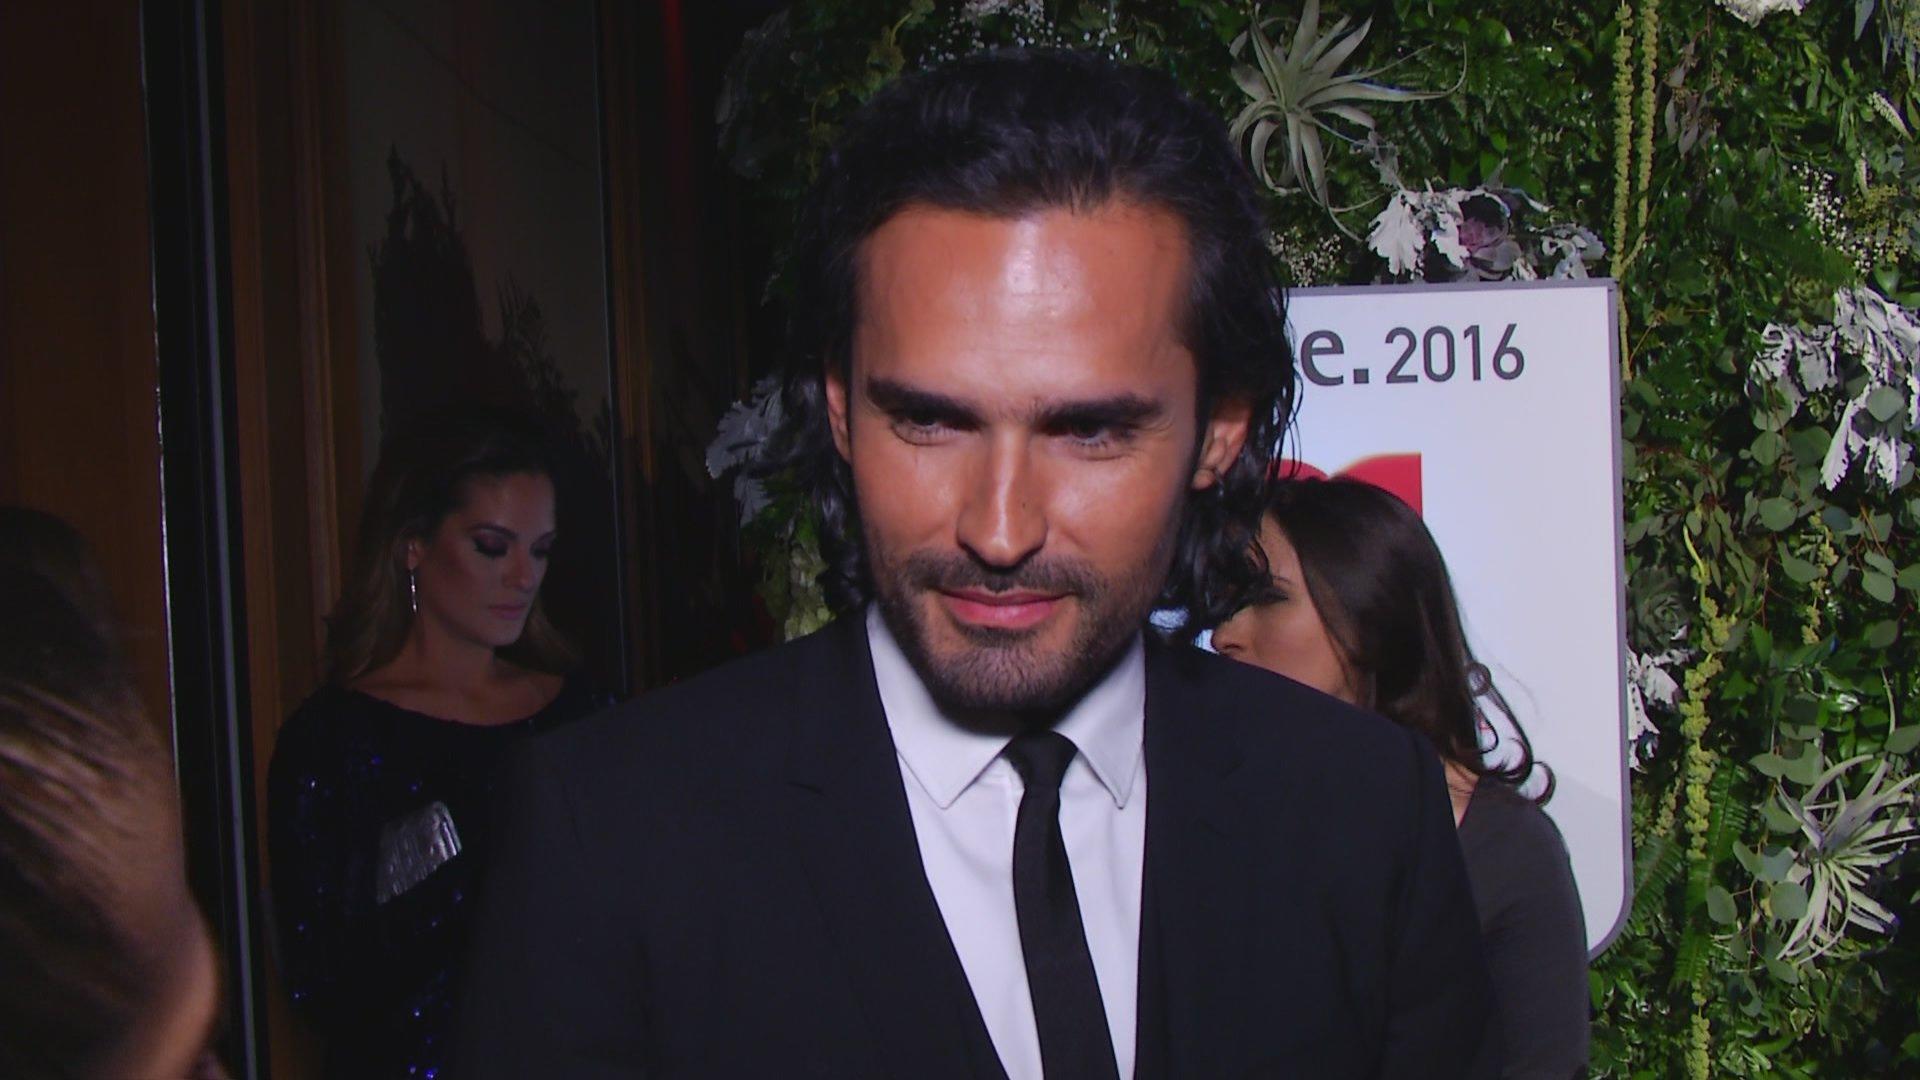 Chismes y noticias calientes de los famosos de telemundo Chismes de famosos argentinos 2016